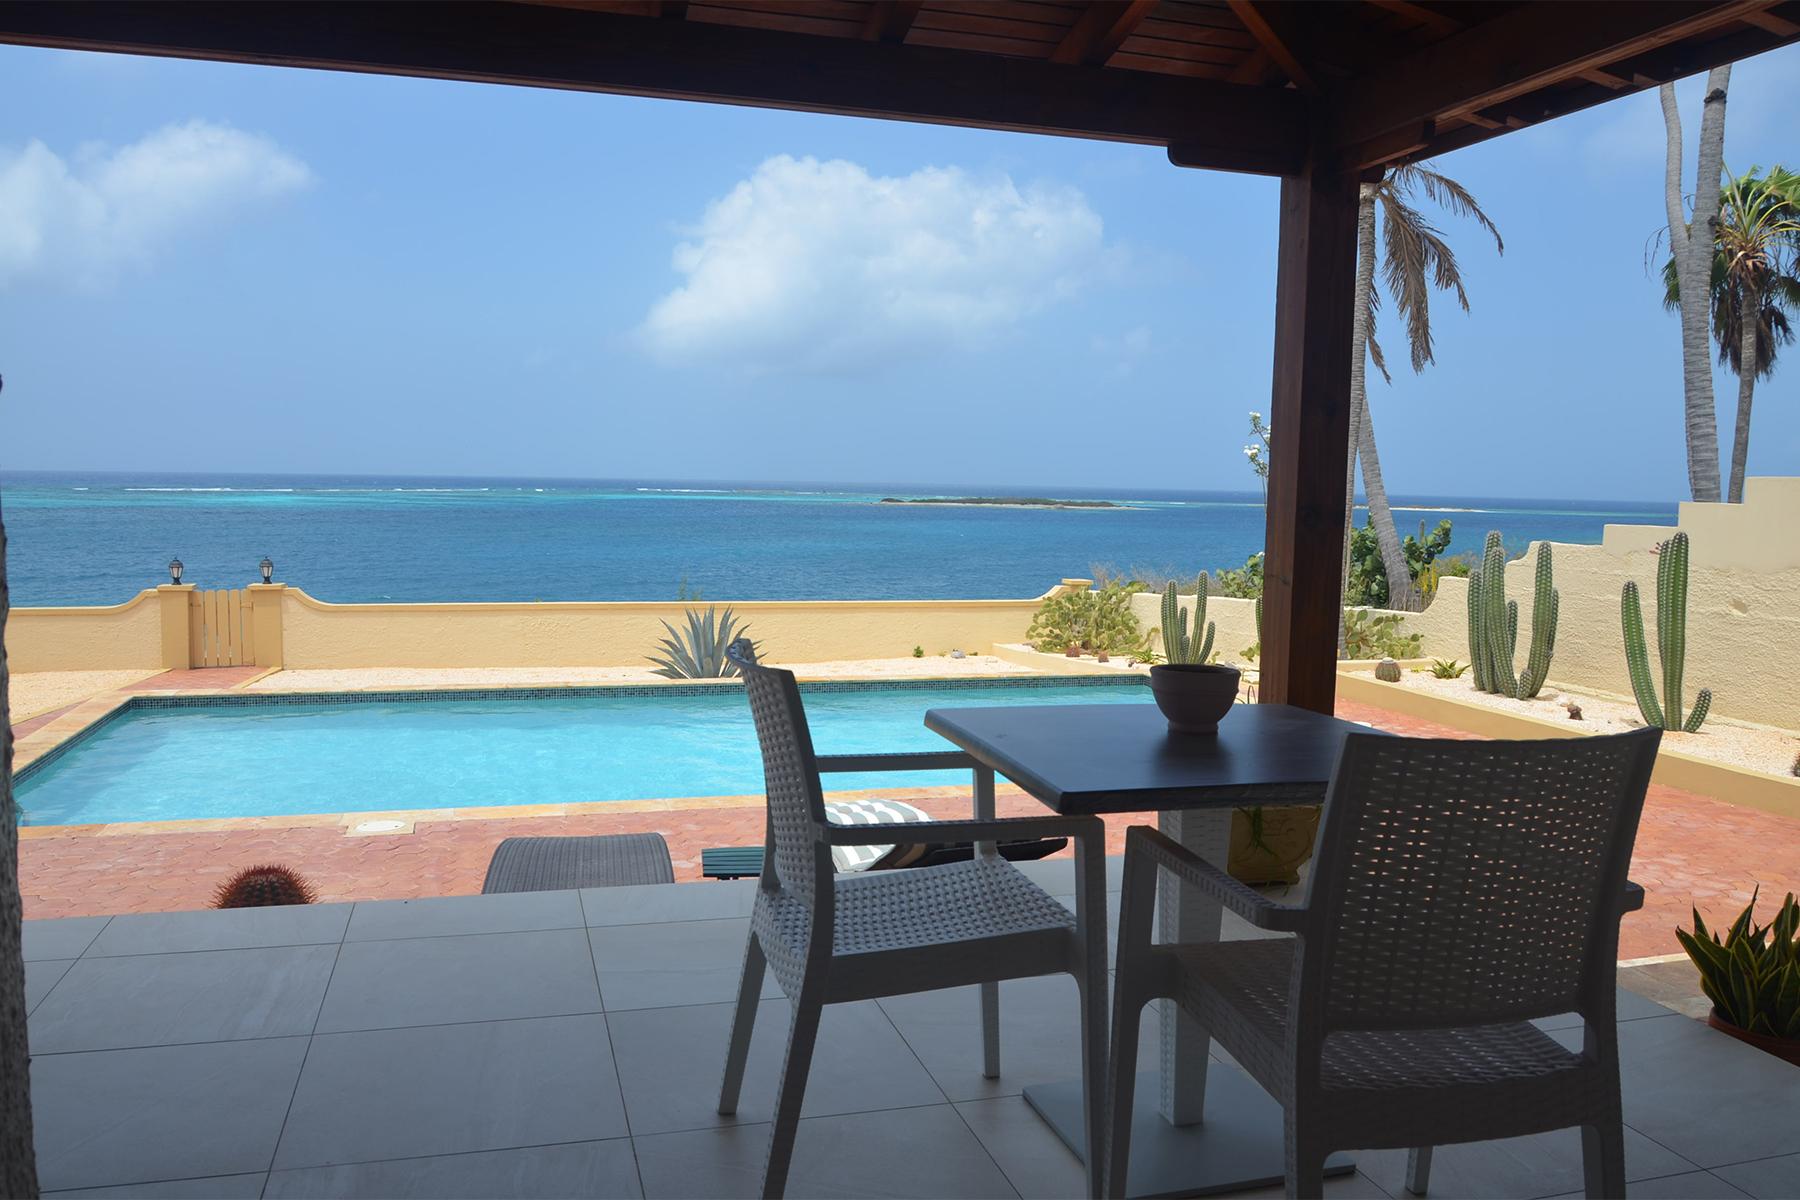 独户住宅 为 销售 在 Aruba Beach House San Nicolas, 阿鲁巴 阿鲁巴岛